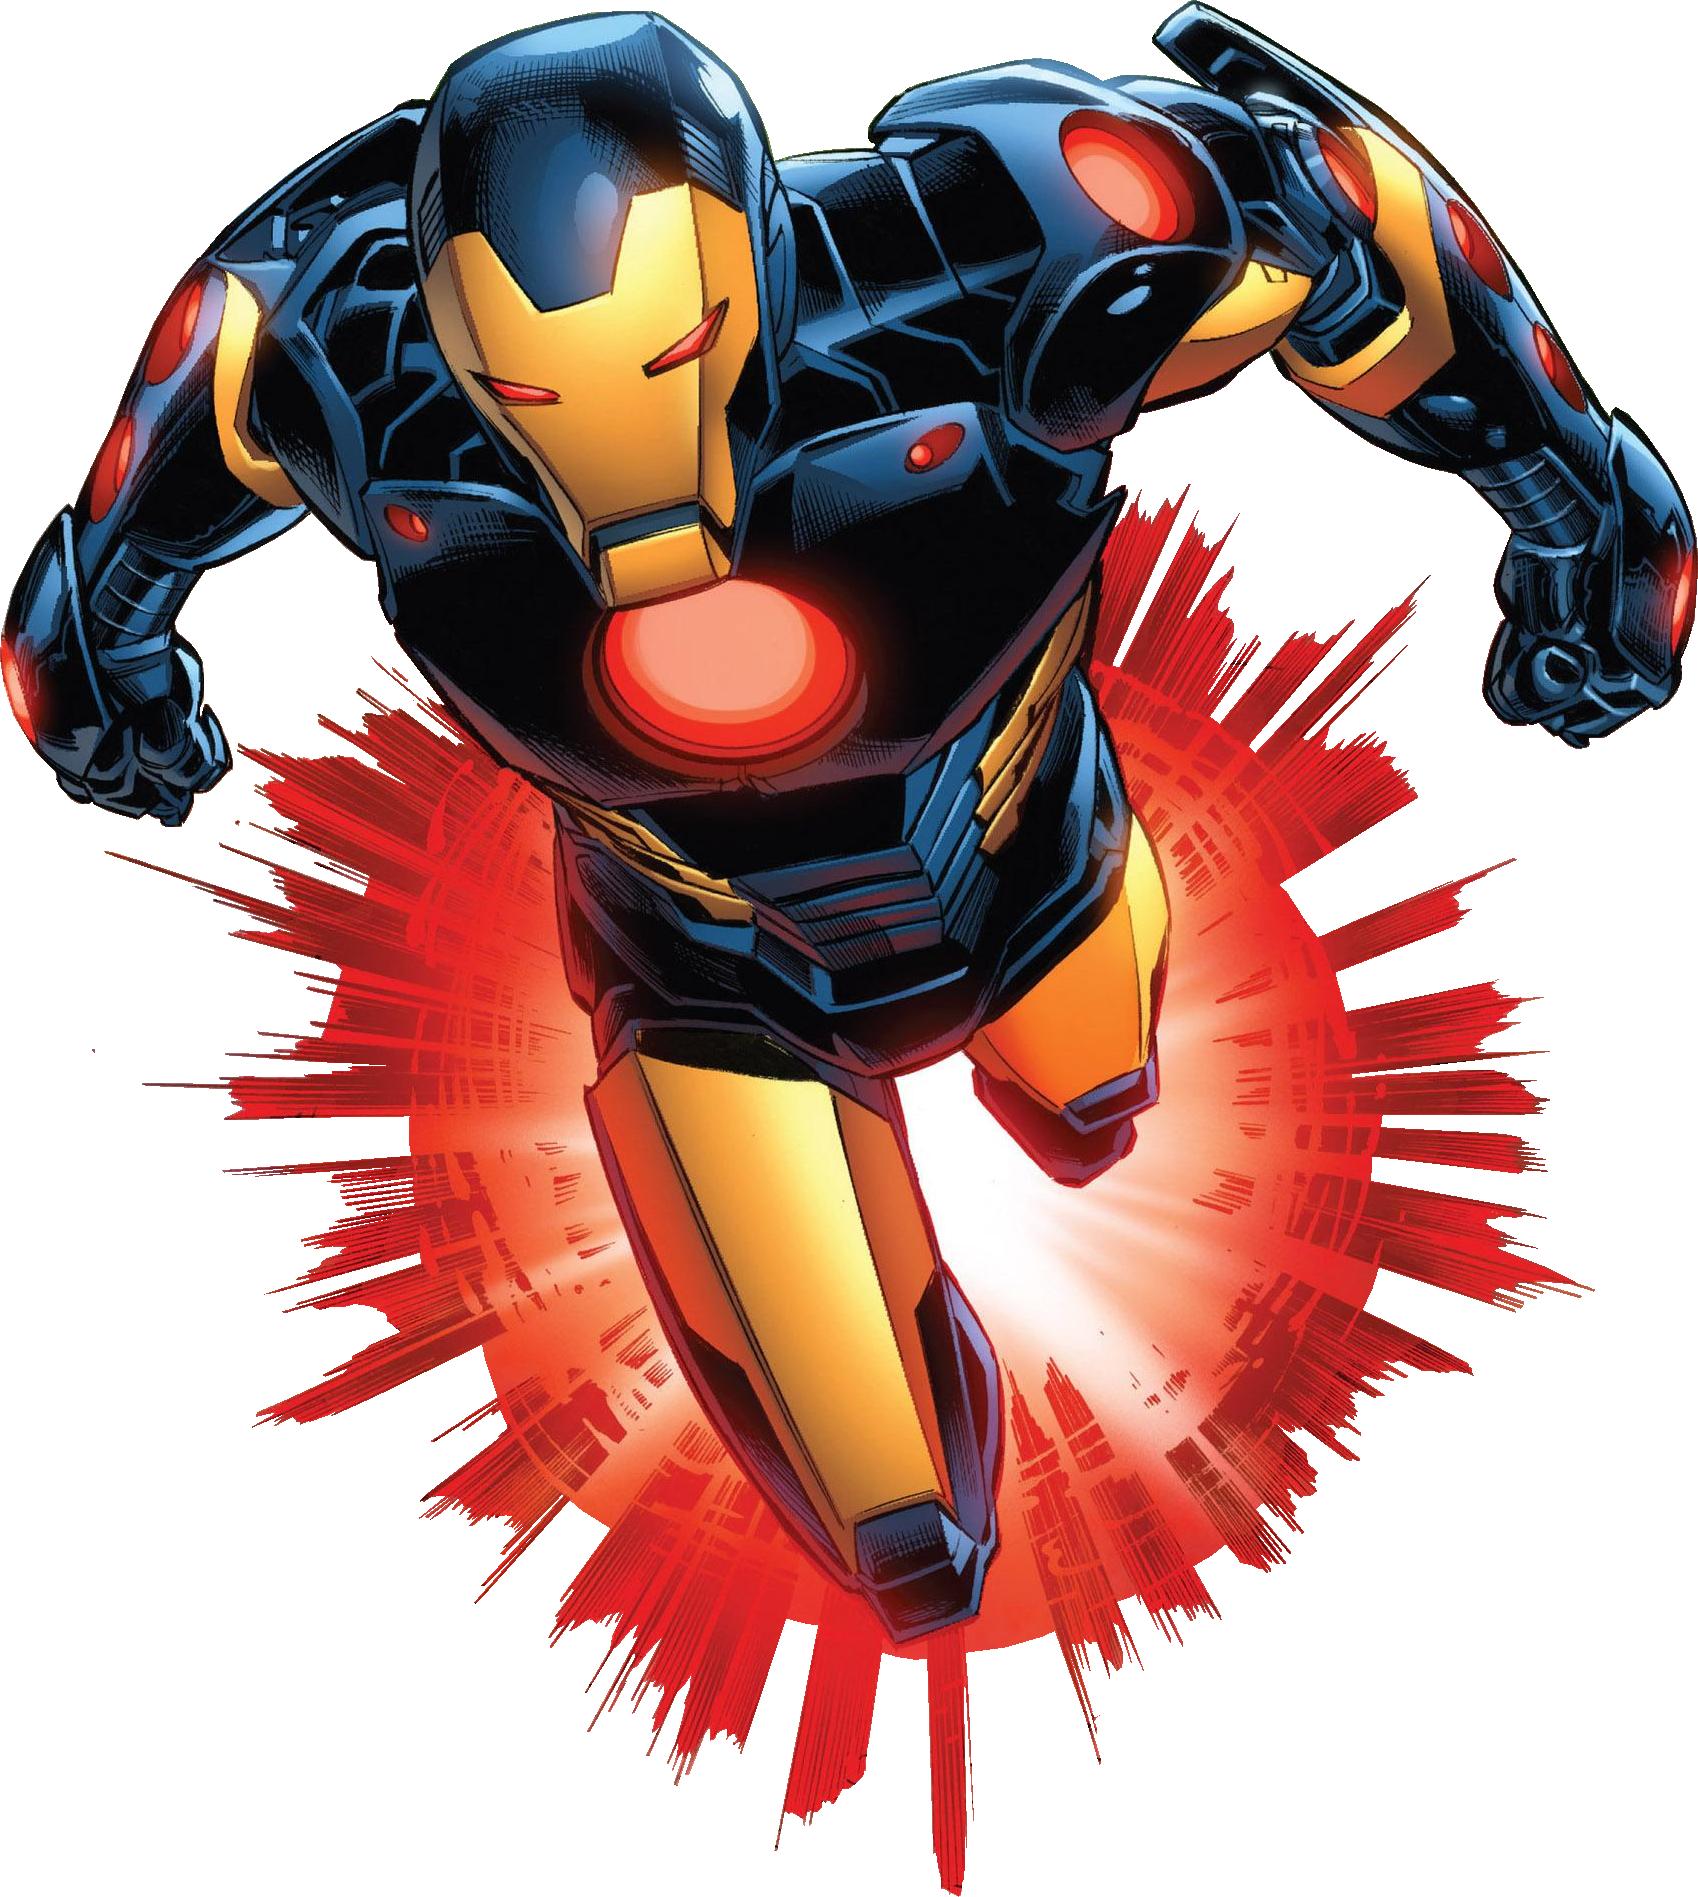 Free PNGs - Iron man, free PNGs